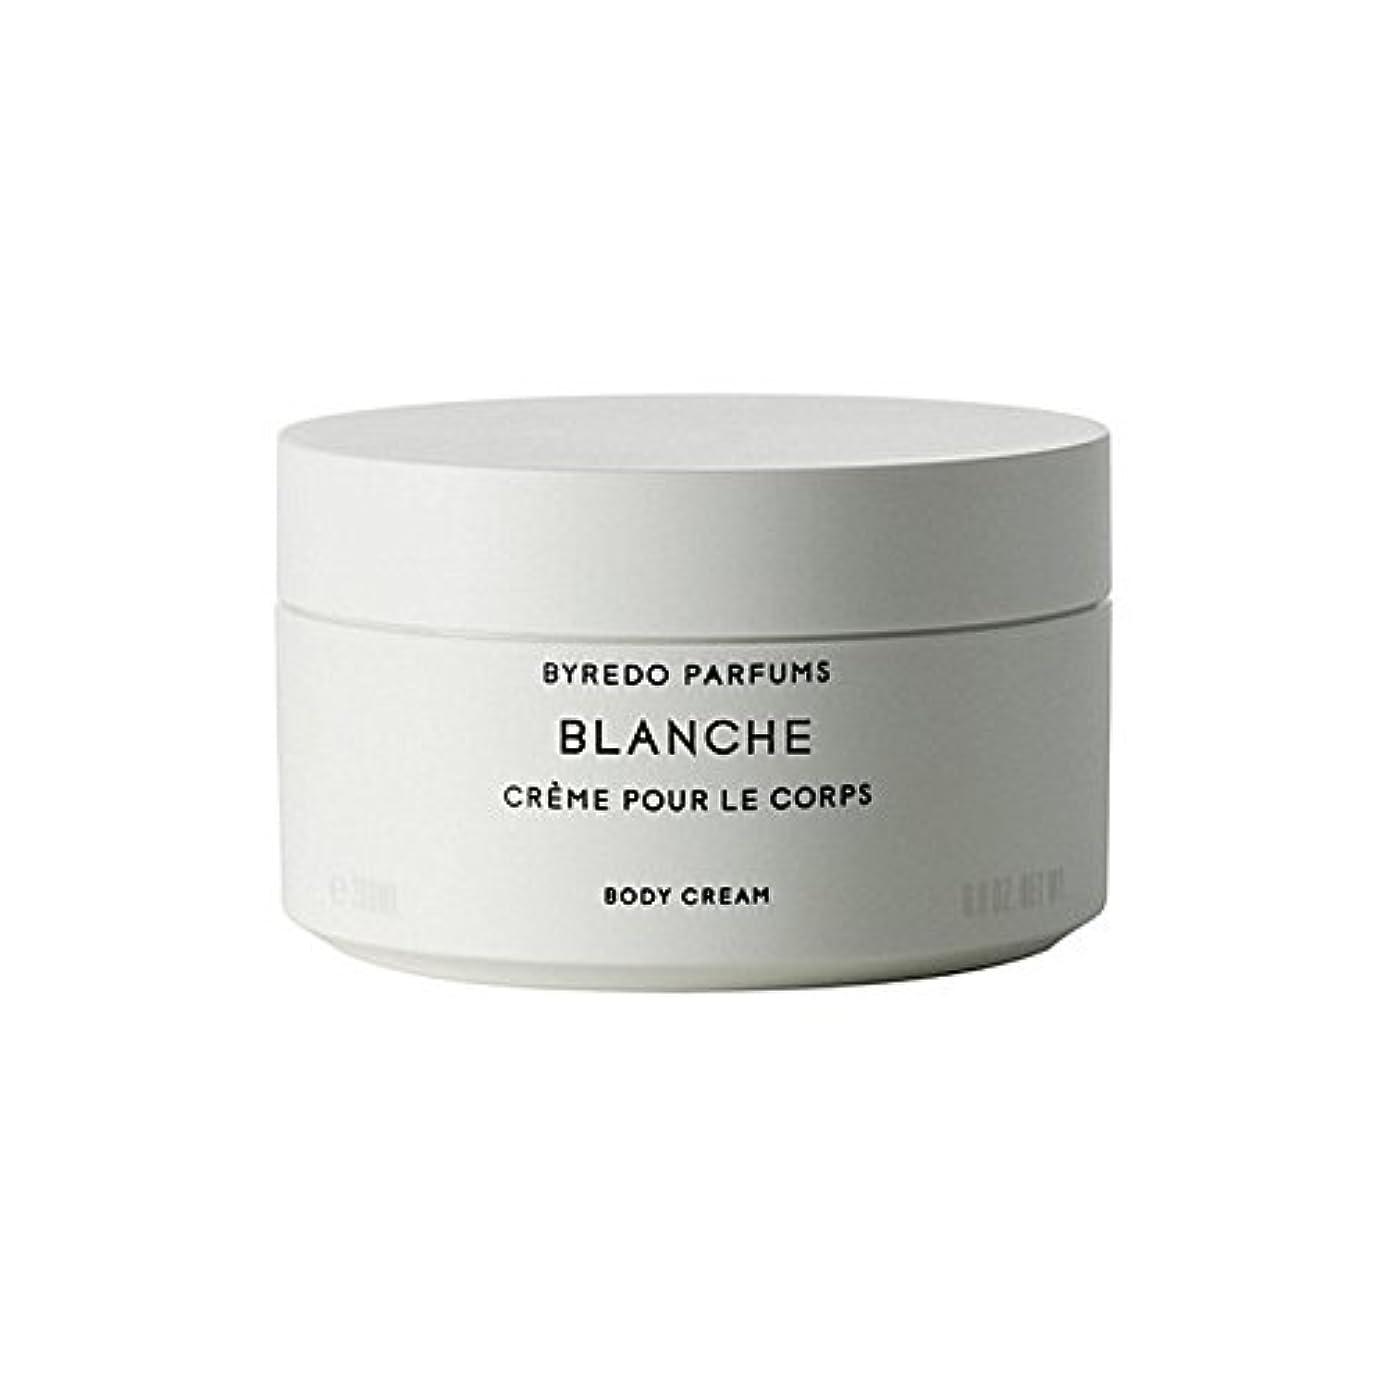 シリーズリベラル化学者ブランシュボディクリーム200ミリリットル x4 - Byredo Blanche Body Cream 200ml (Pack of 4) [並行輸入品]